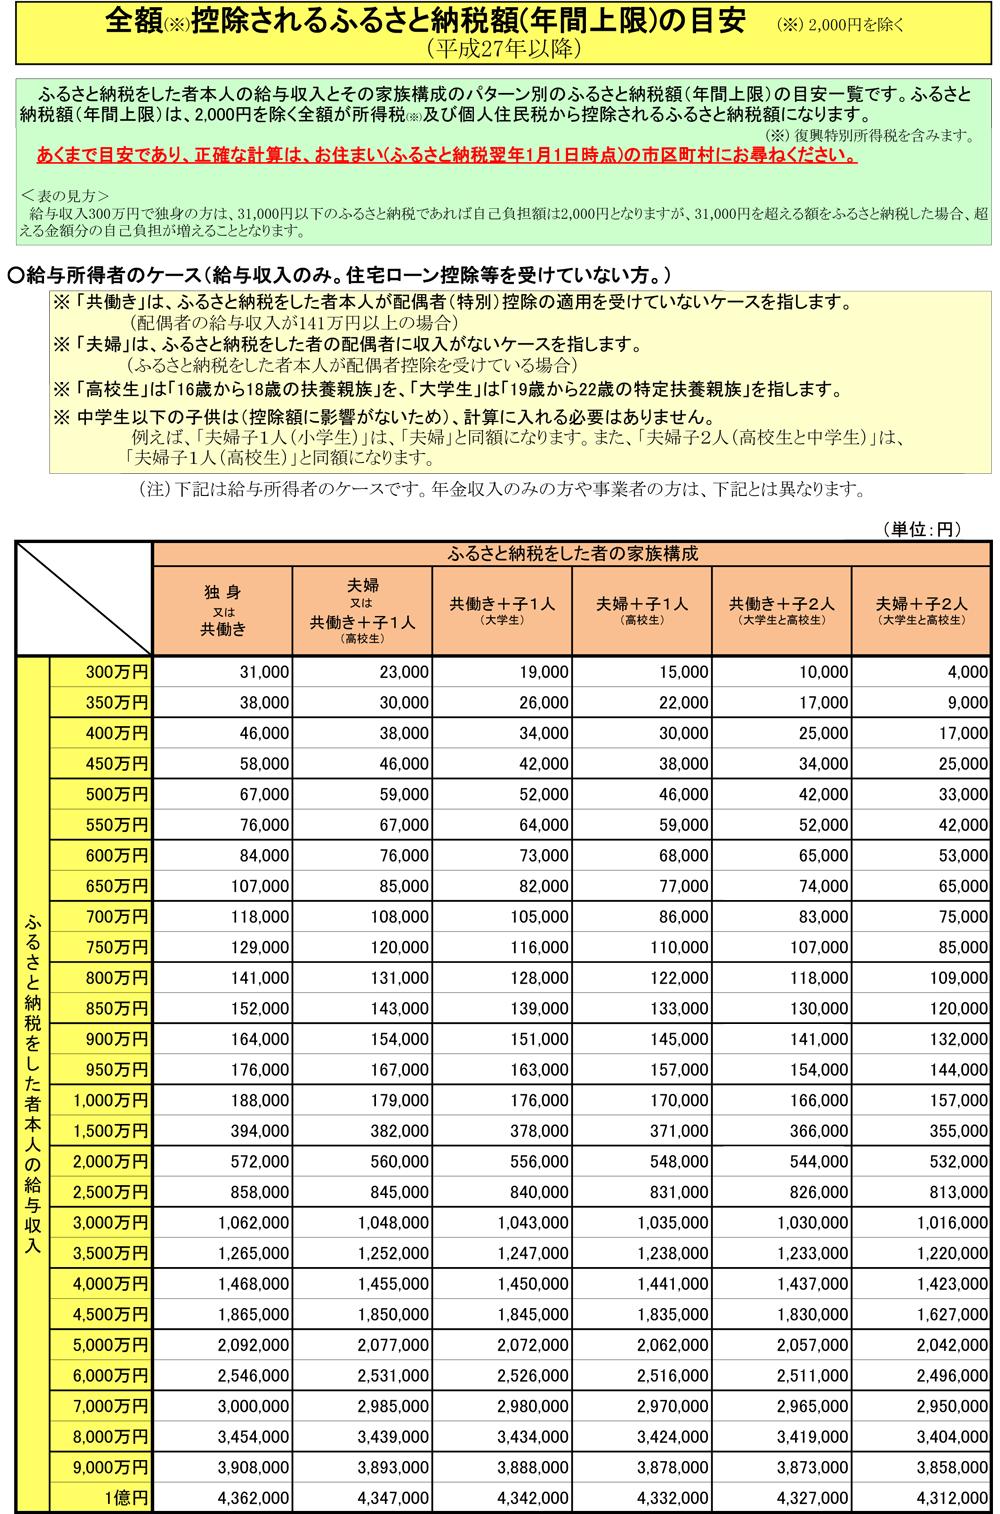 平成27年以降 ふるさと納税上限額の目安